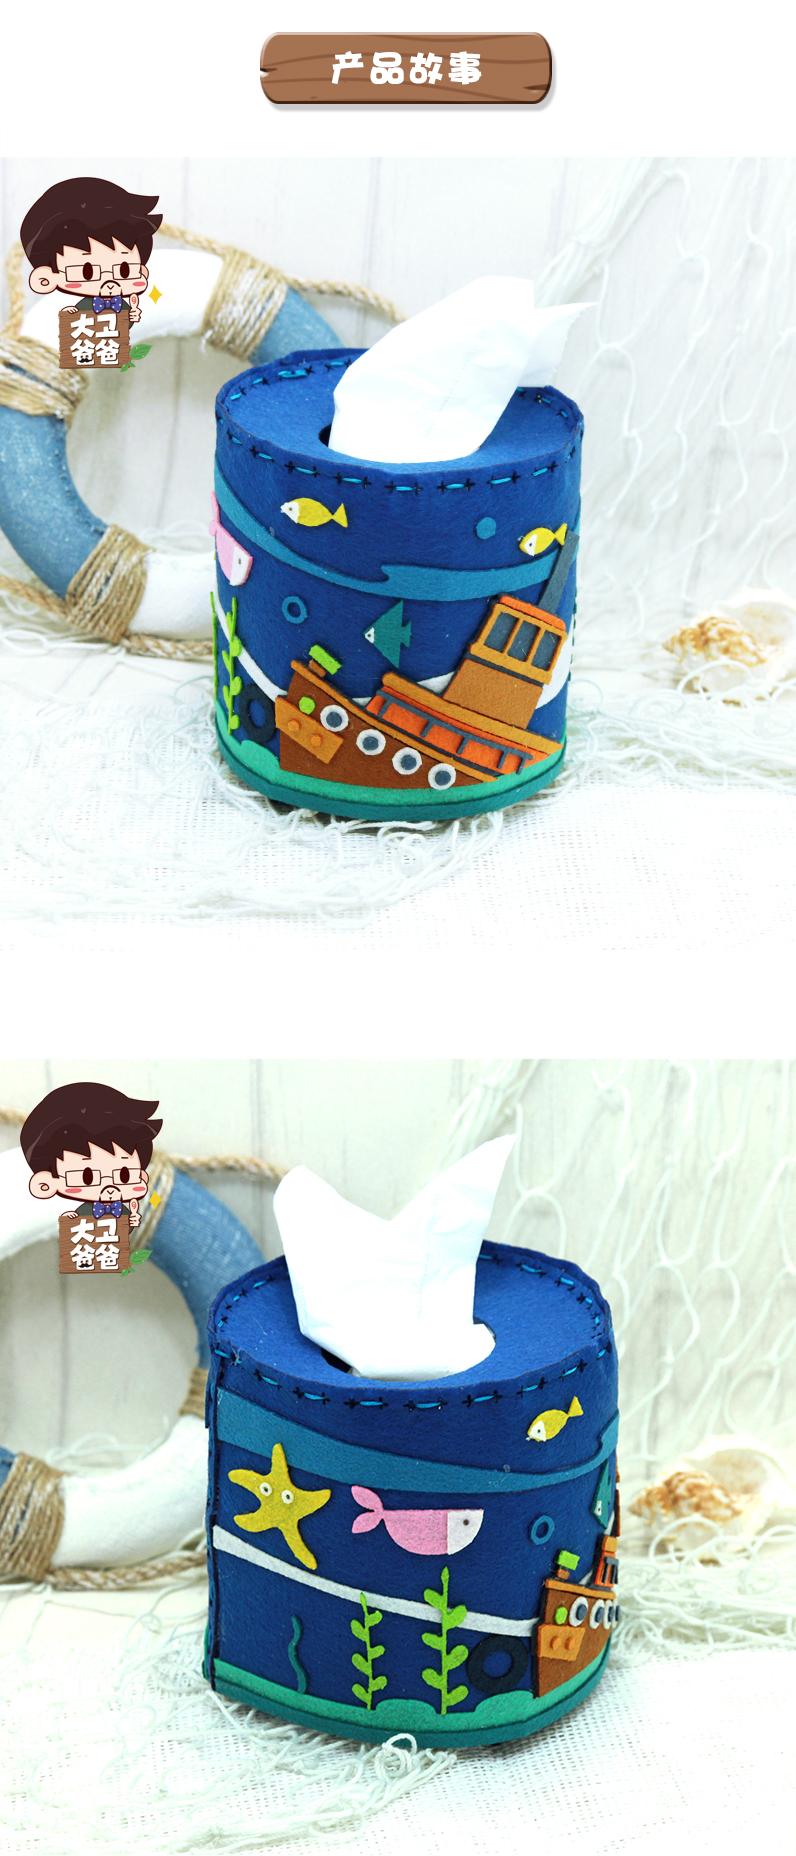 海底纸抽筒儿童手工制作diy不织布粘贴布艺材料包